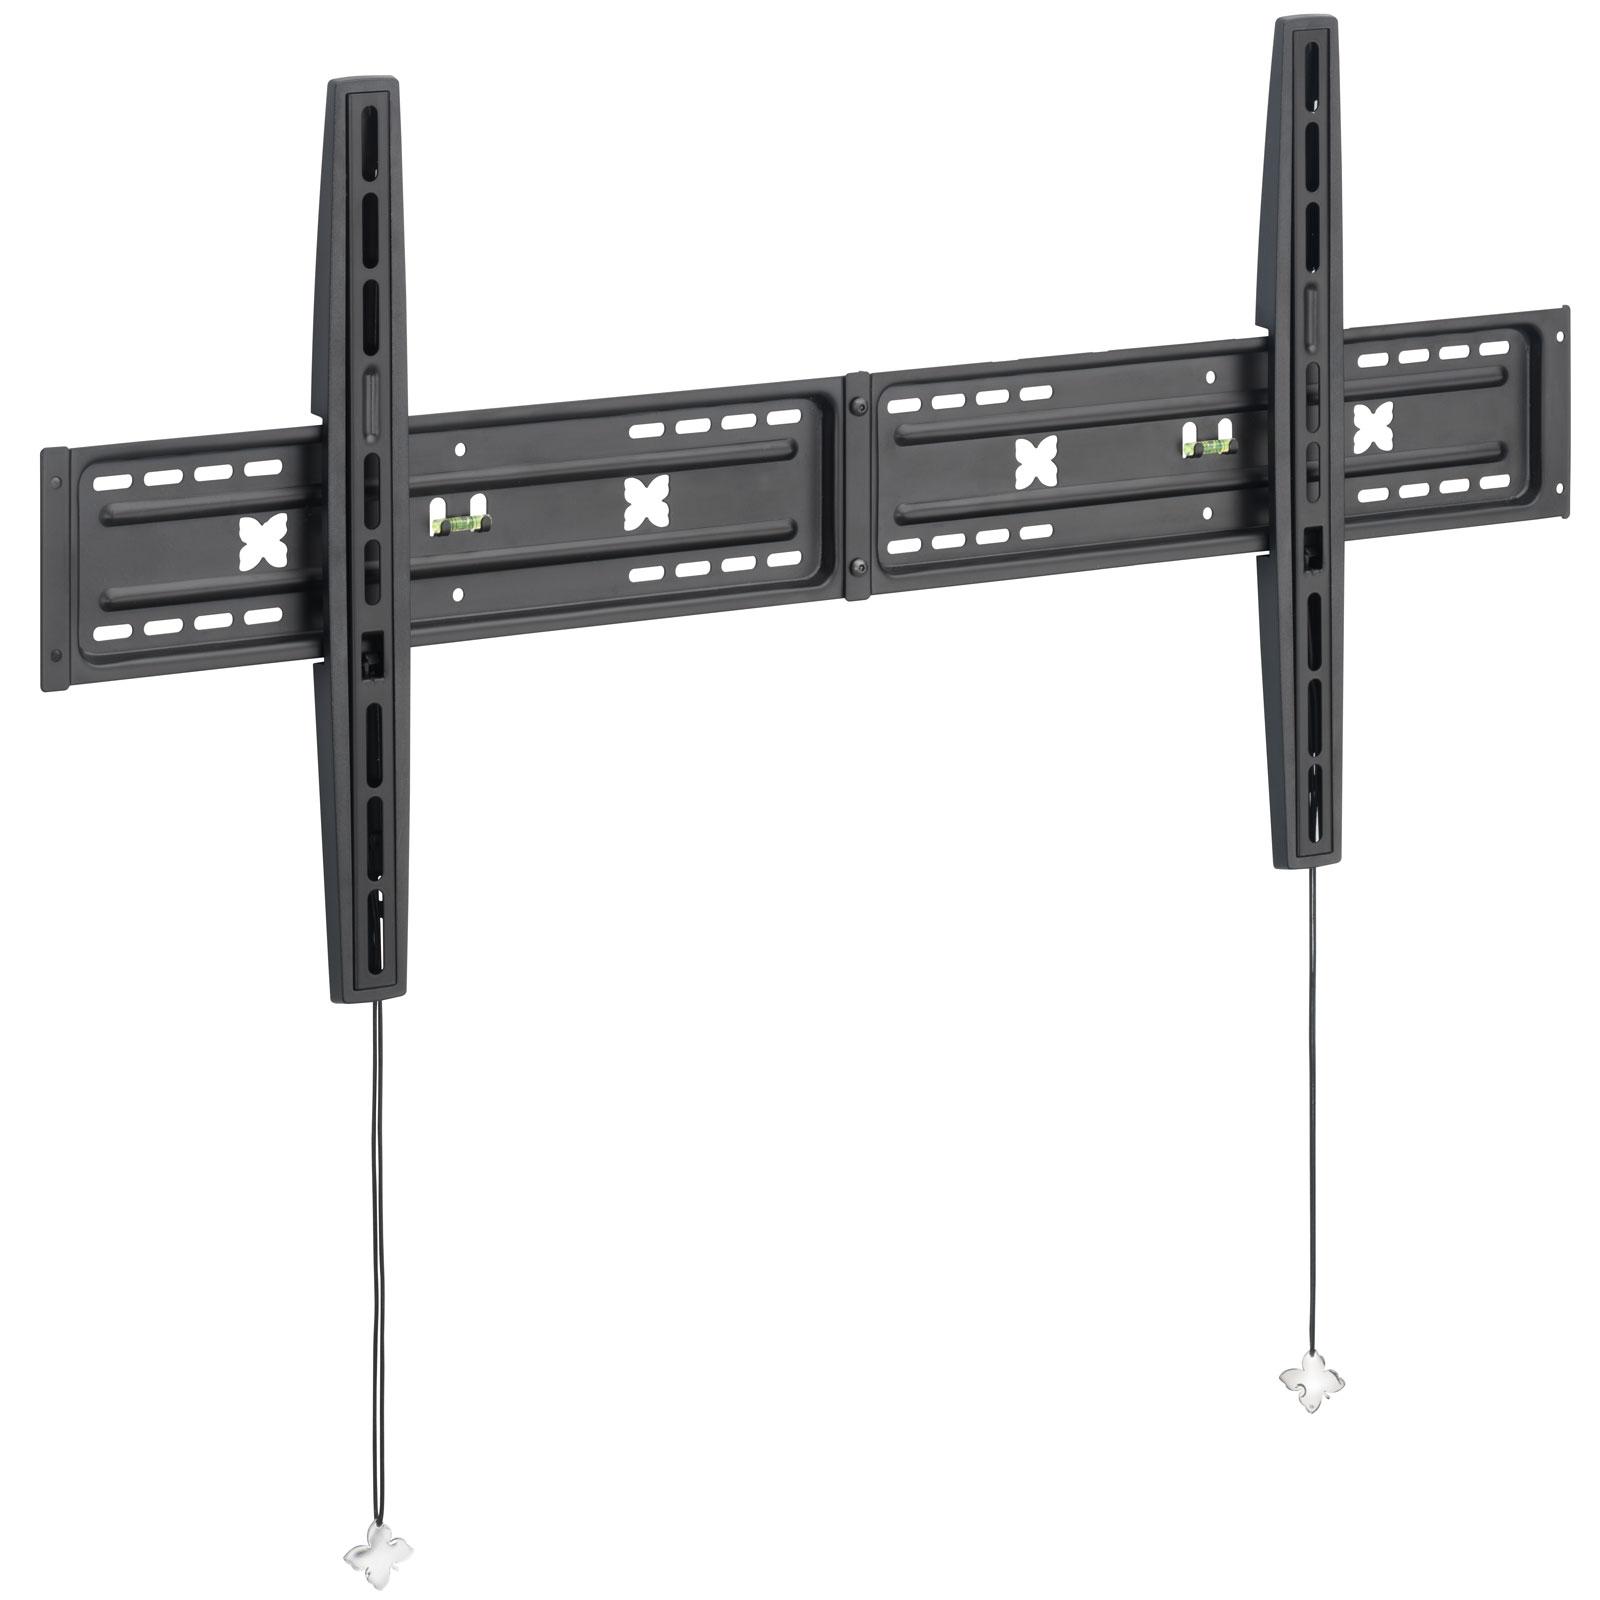 meliconi s800 support mural tv meliconi sur. Black Bedroom Furniture Sets. Home Design Ideas